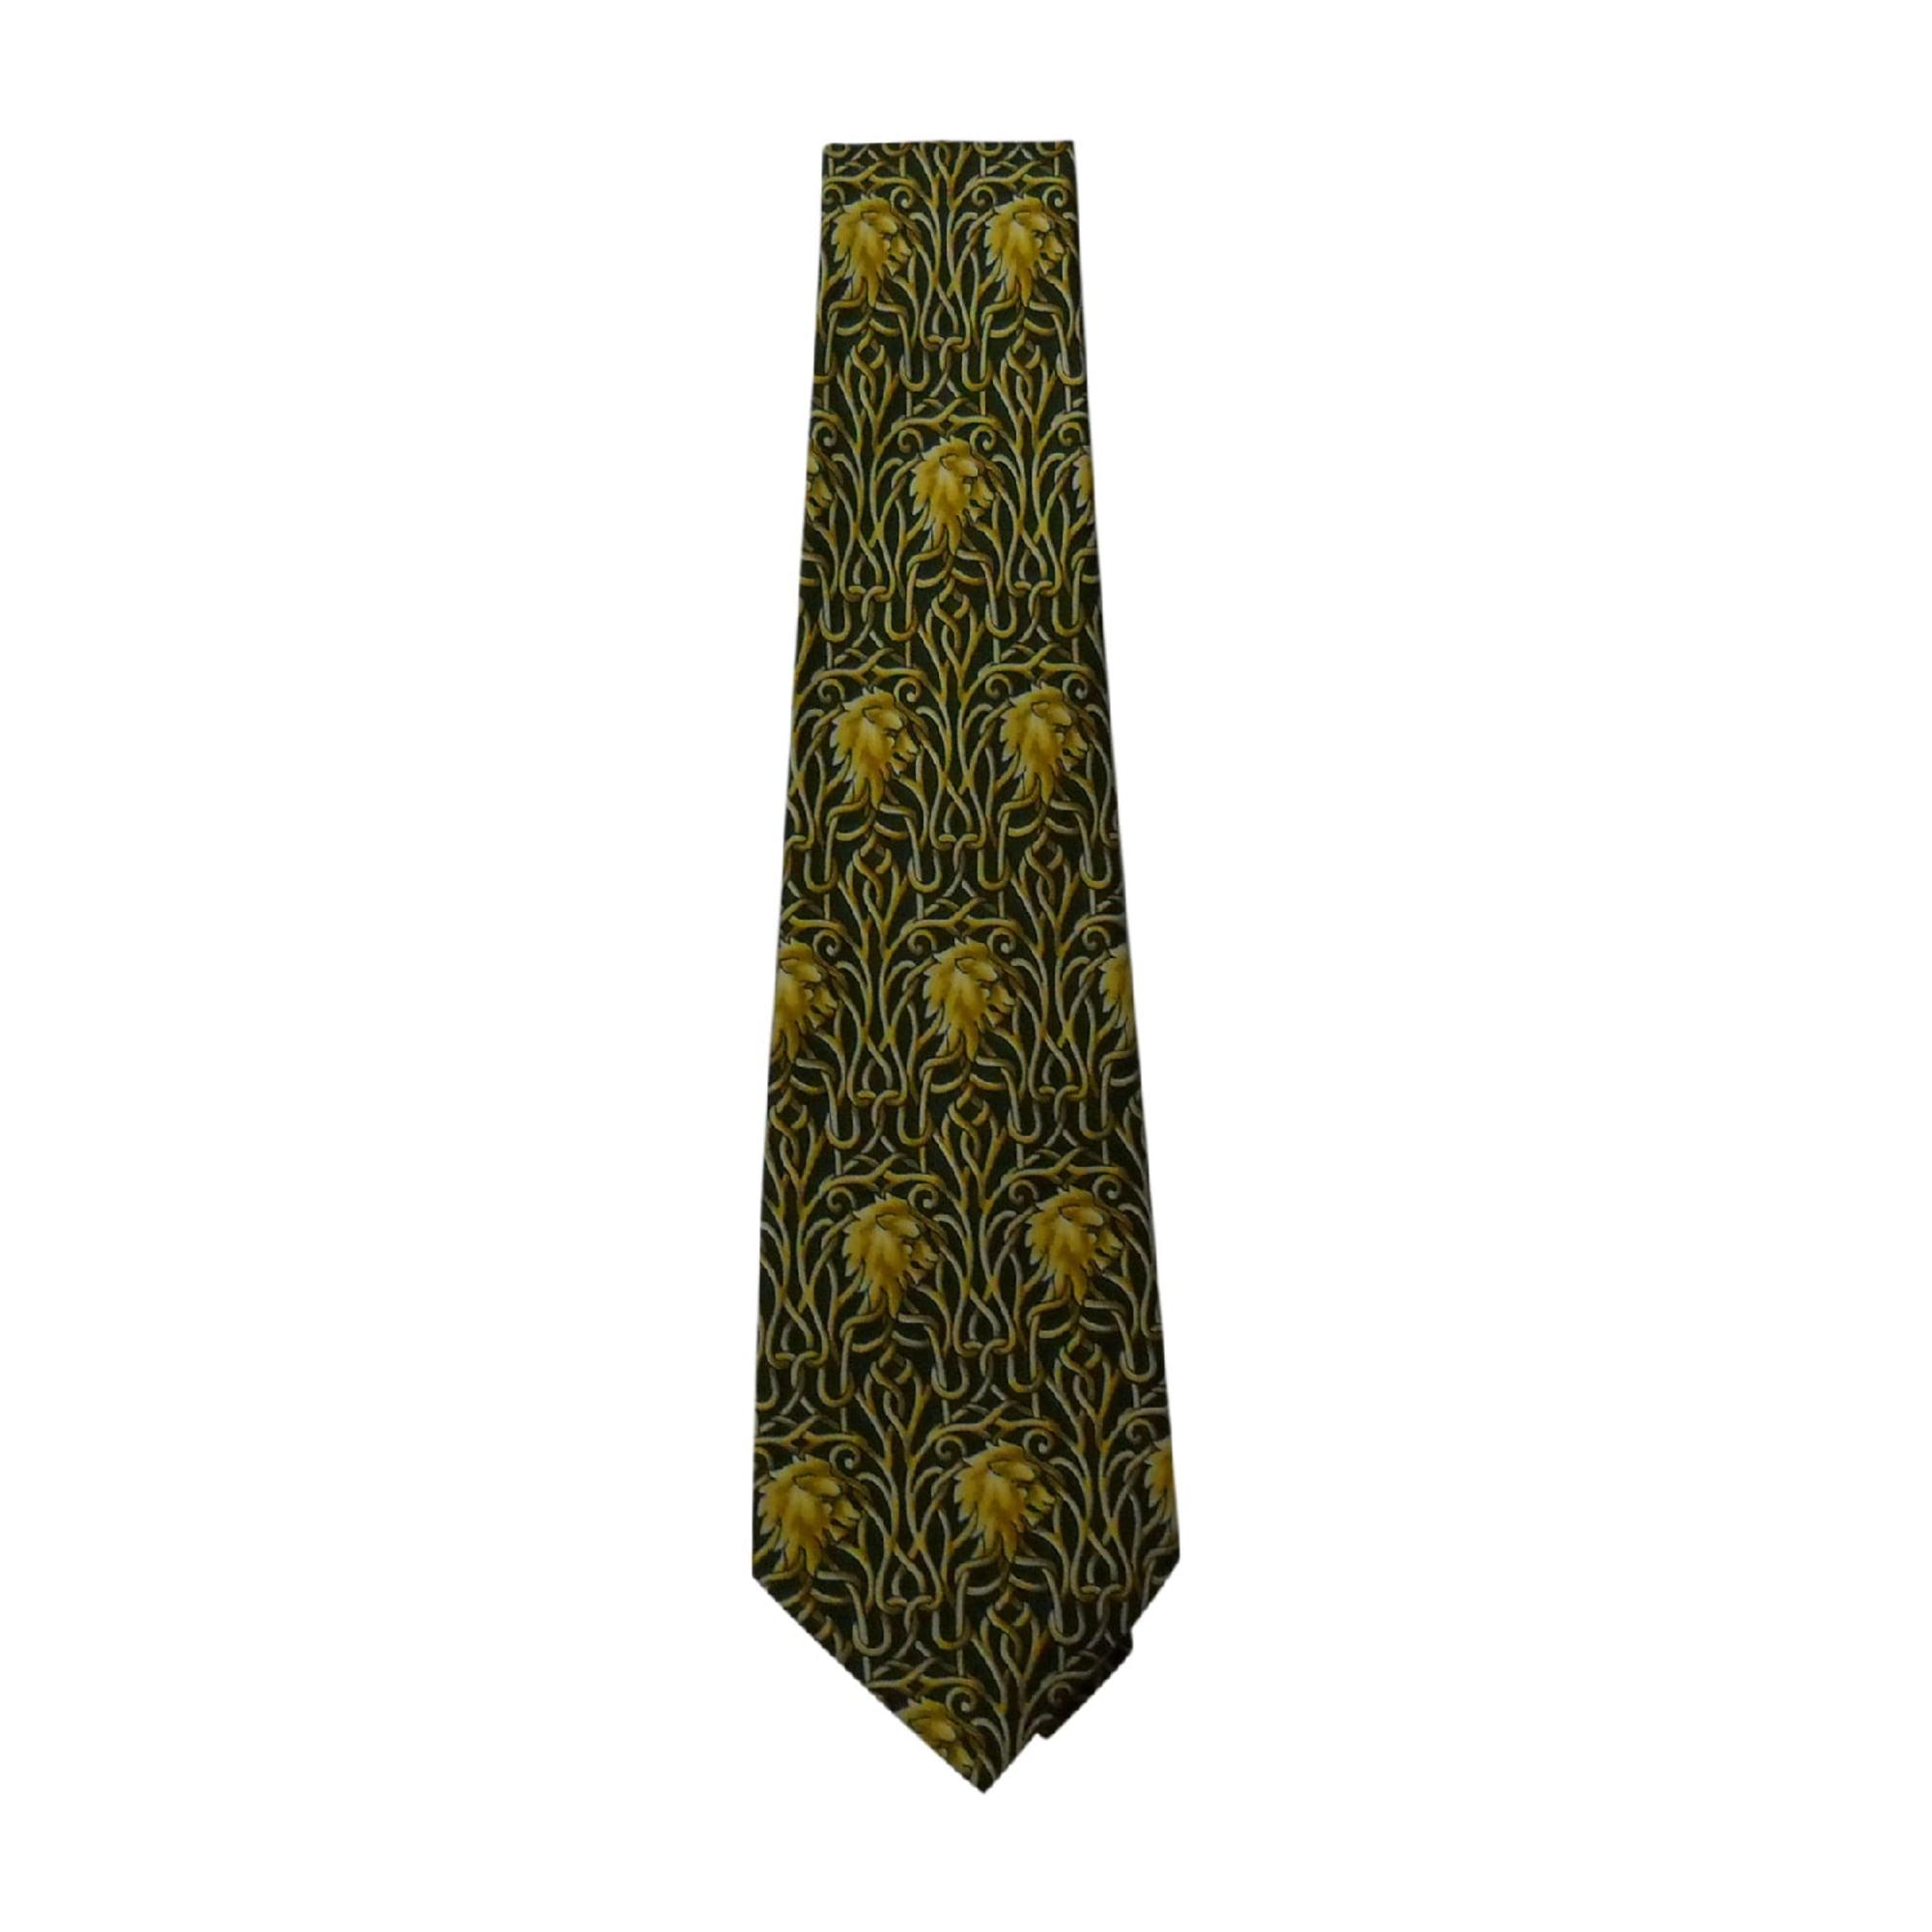 Cravate CÉLINE vert et jaune